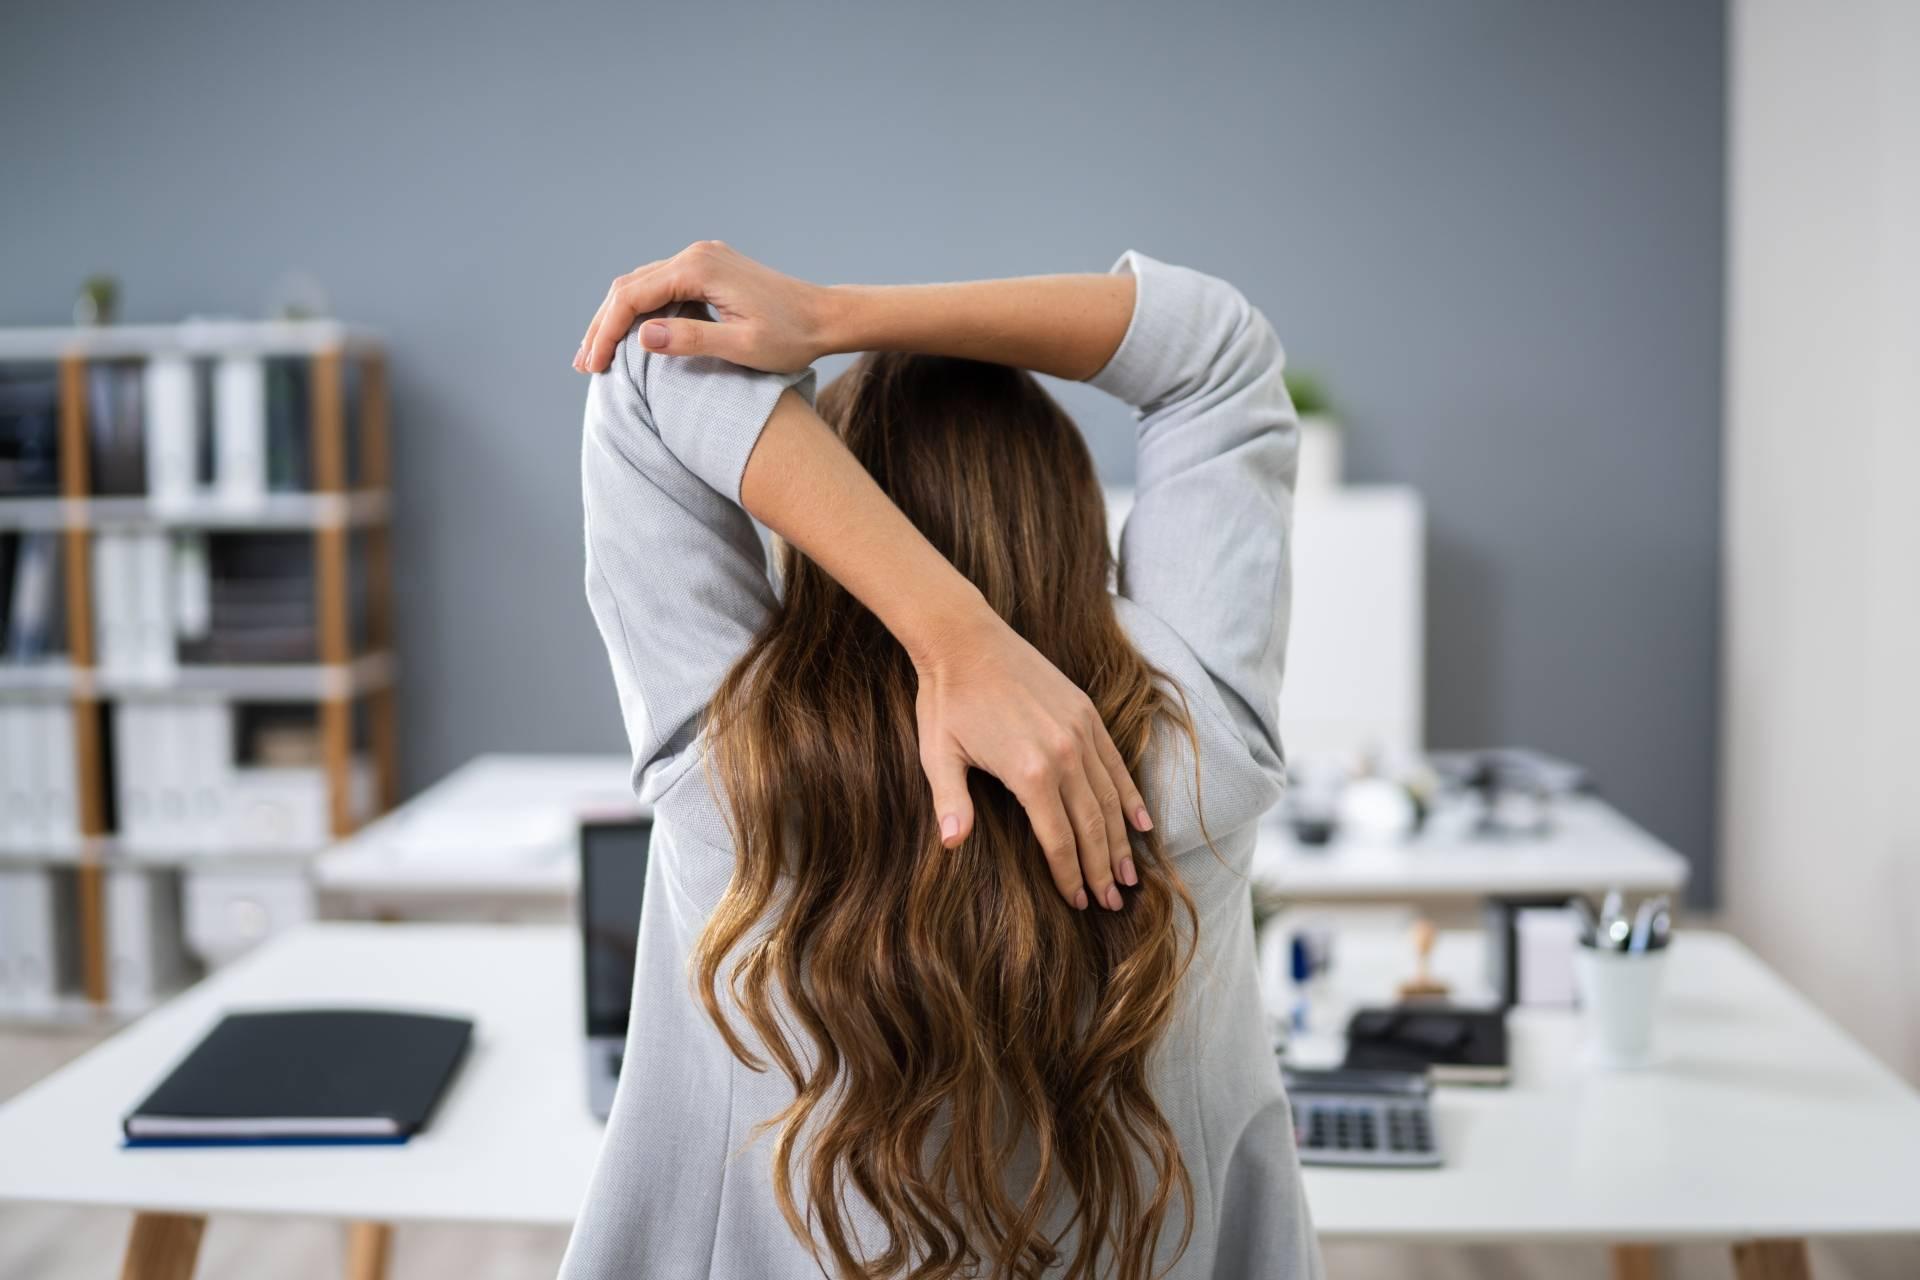 Ból kręgosłupa - jak się rozciągać podczas pracy siedzącej?